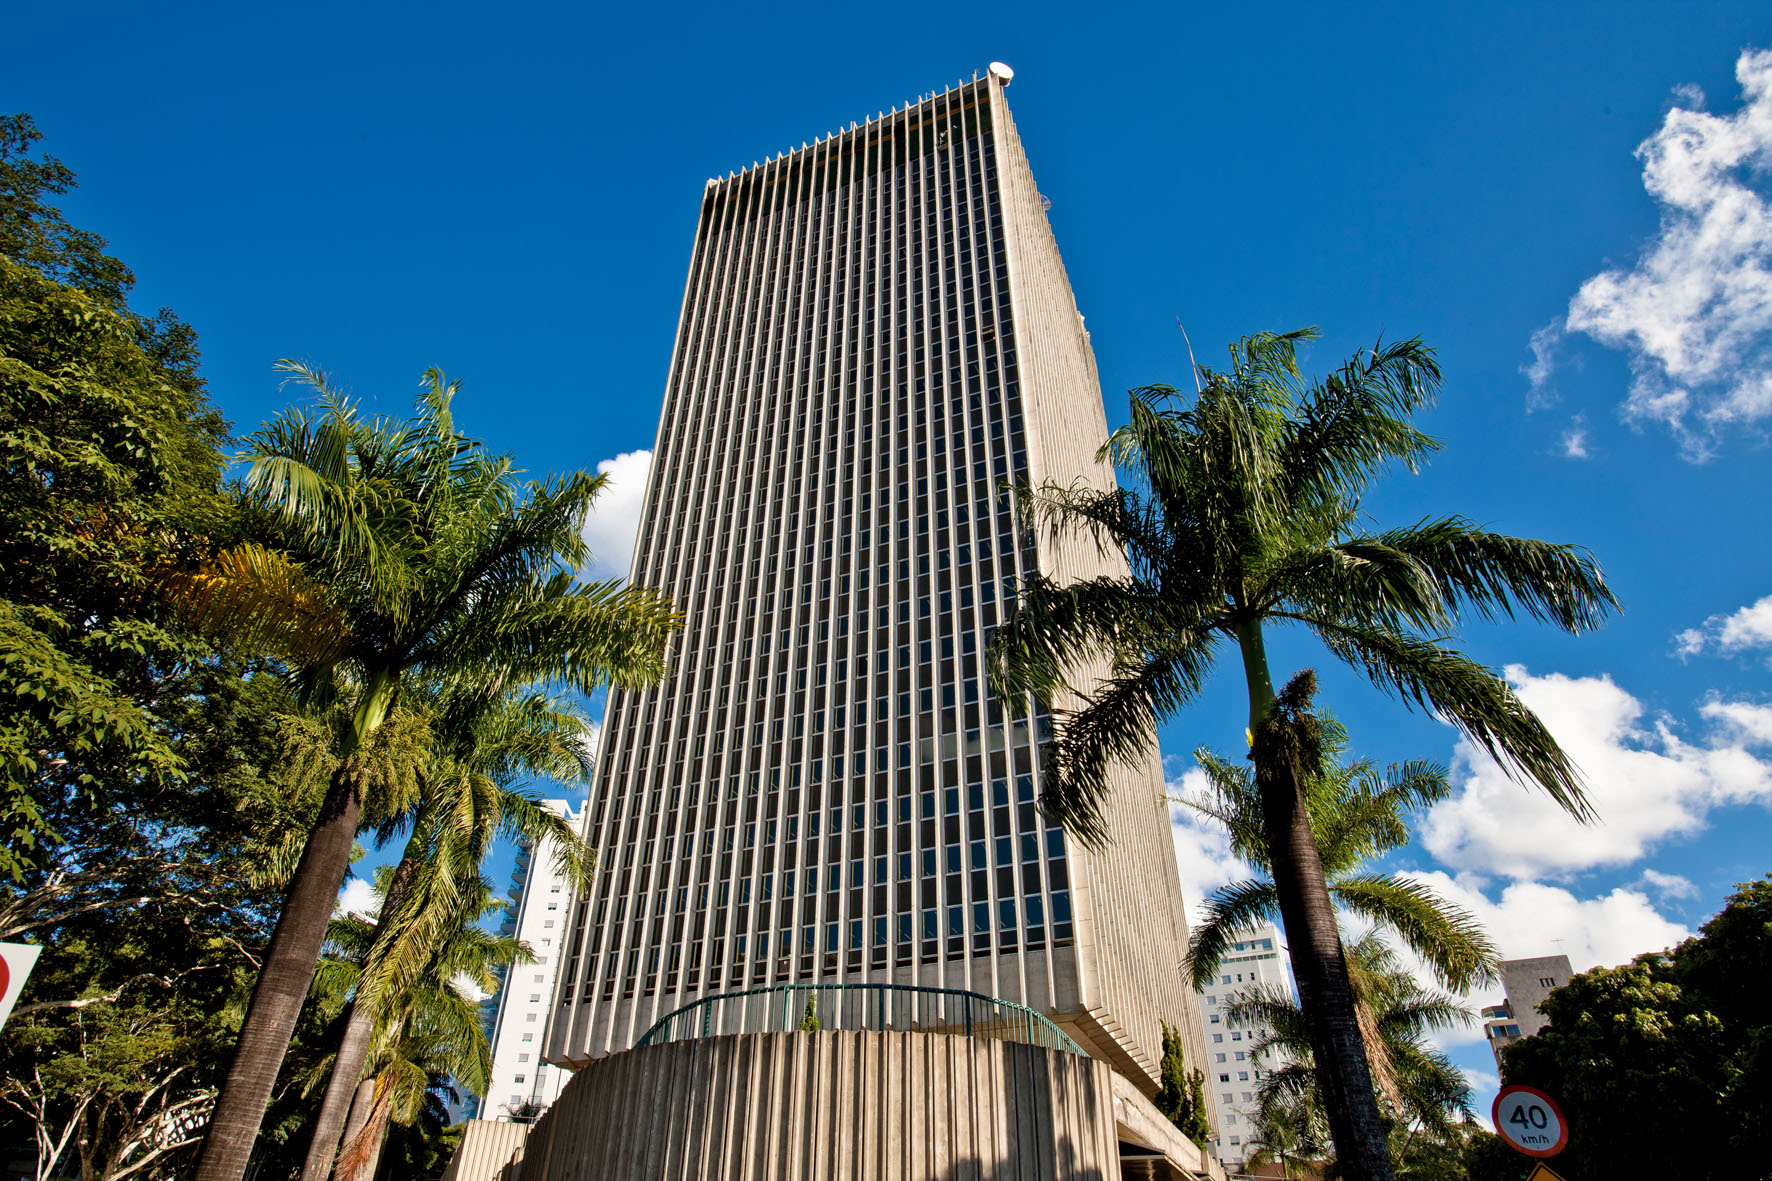 Cemig faz 69 anos e reforça compromisso com o desenvolvimento de Minas Gerais